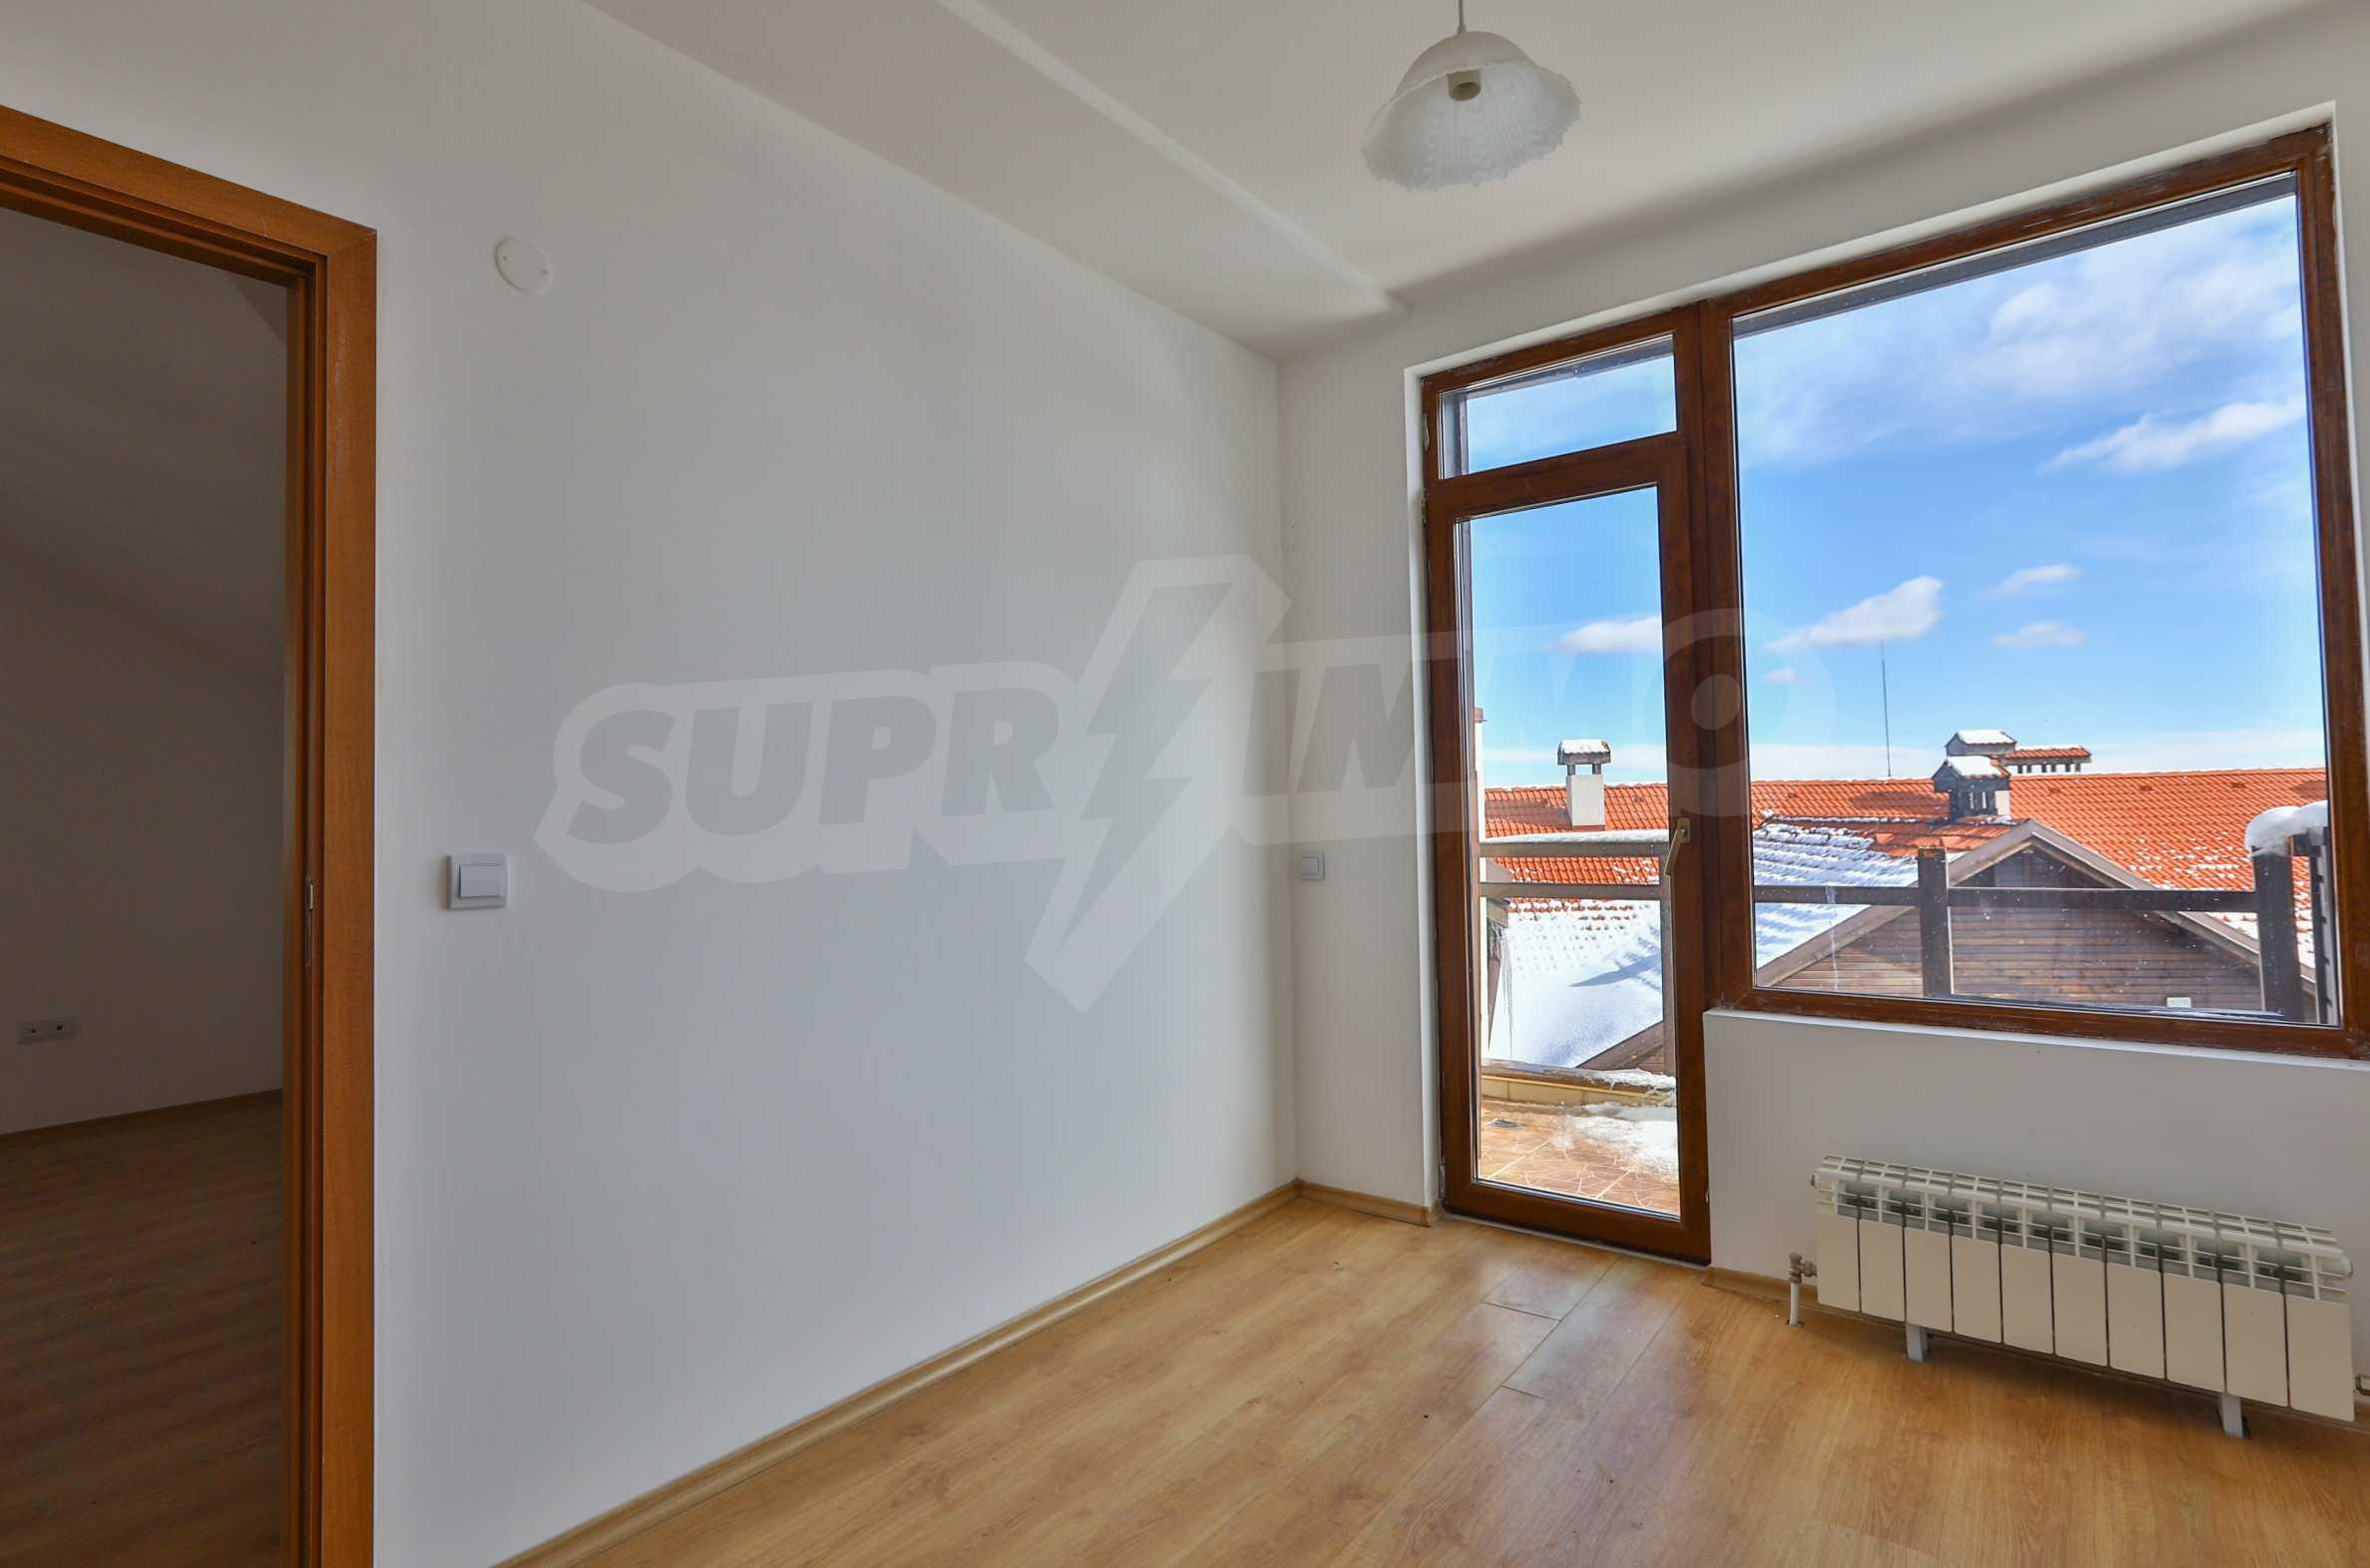 Erstklassige Wohnungen zum Verkauf Meter von der Yastrebets-Strecke in Borovets entfernt 7